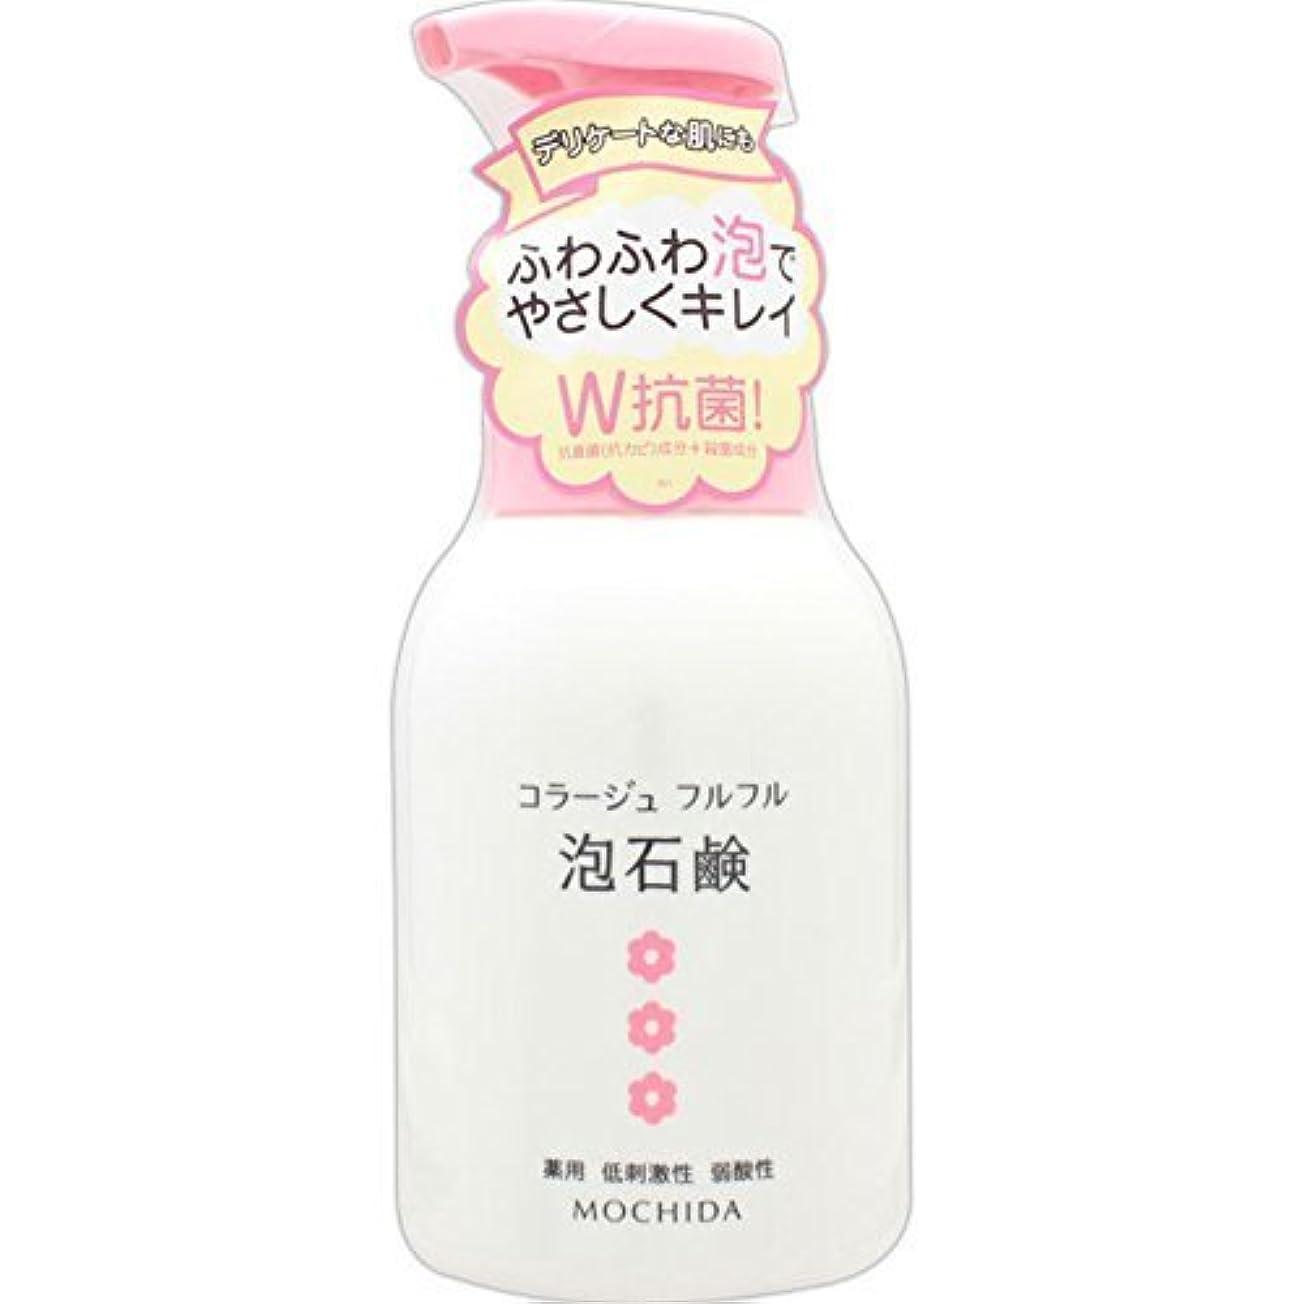 現実には騙すパッドコラージュフルフル 泡石鹸 ピンク 300m L (医薬部外品) ×4